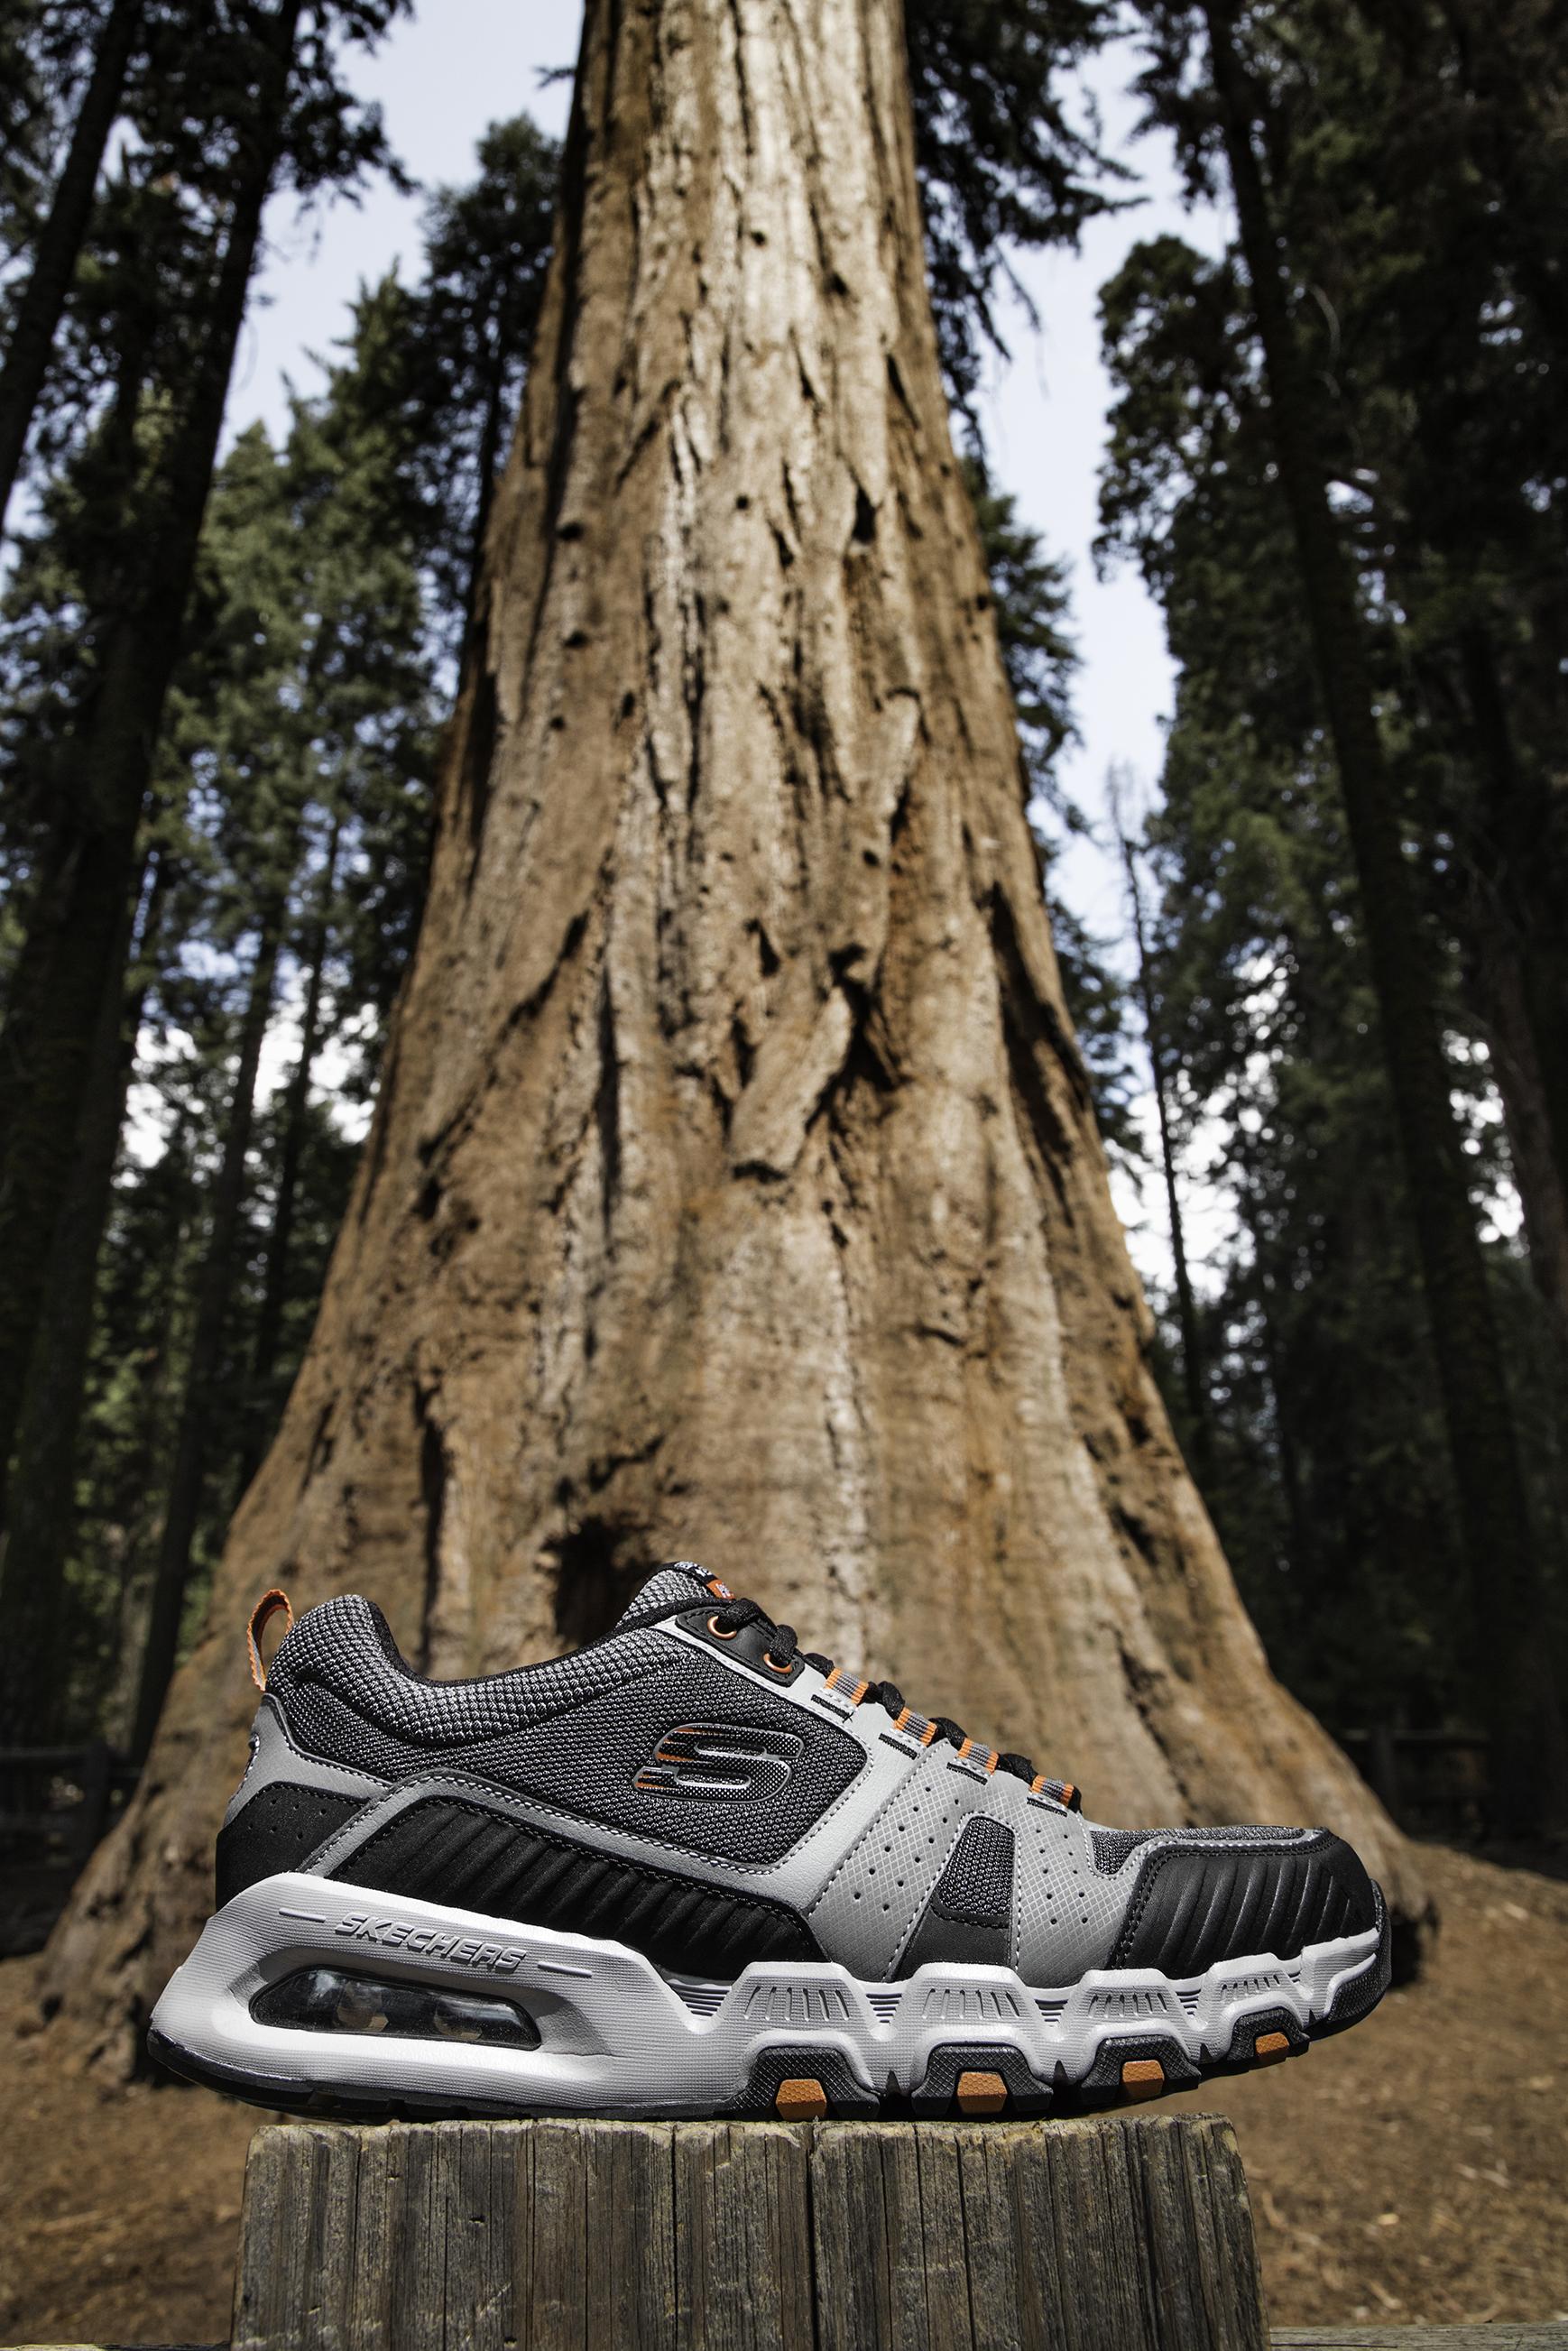 skechers, giant sequoia